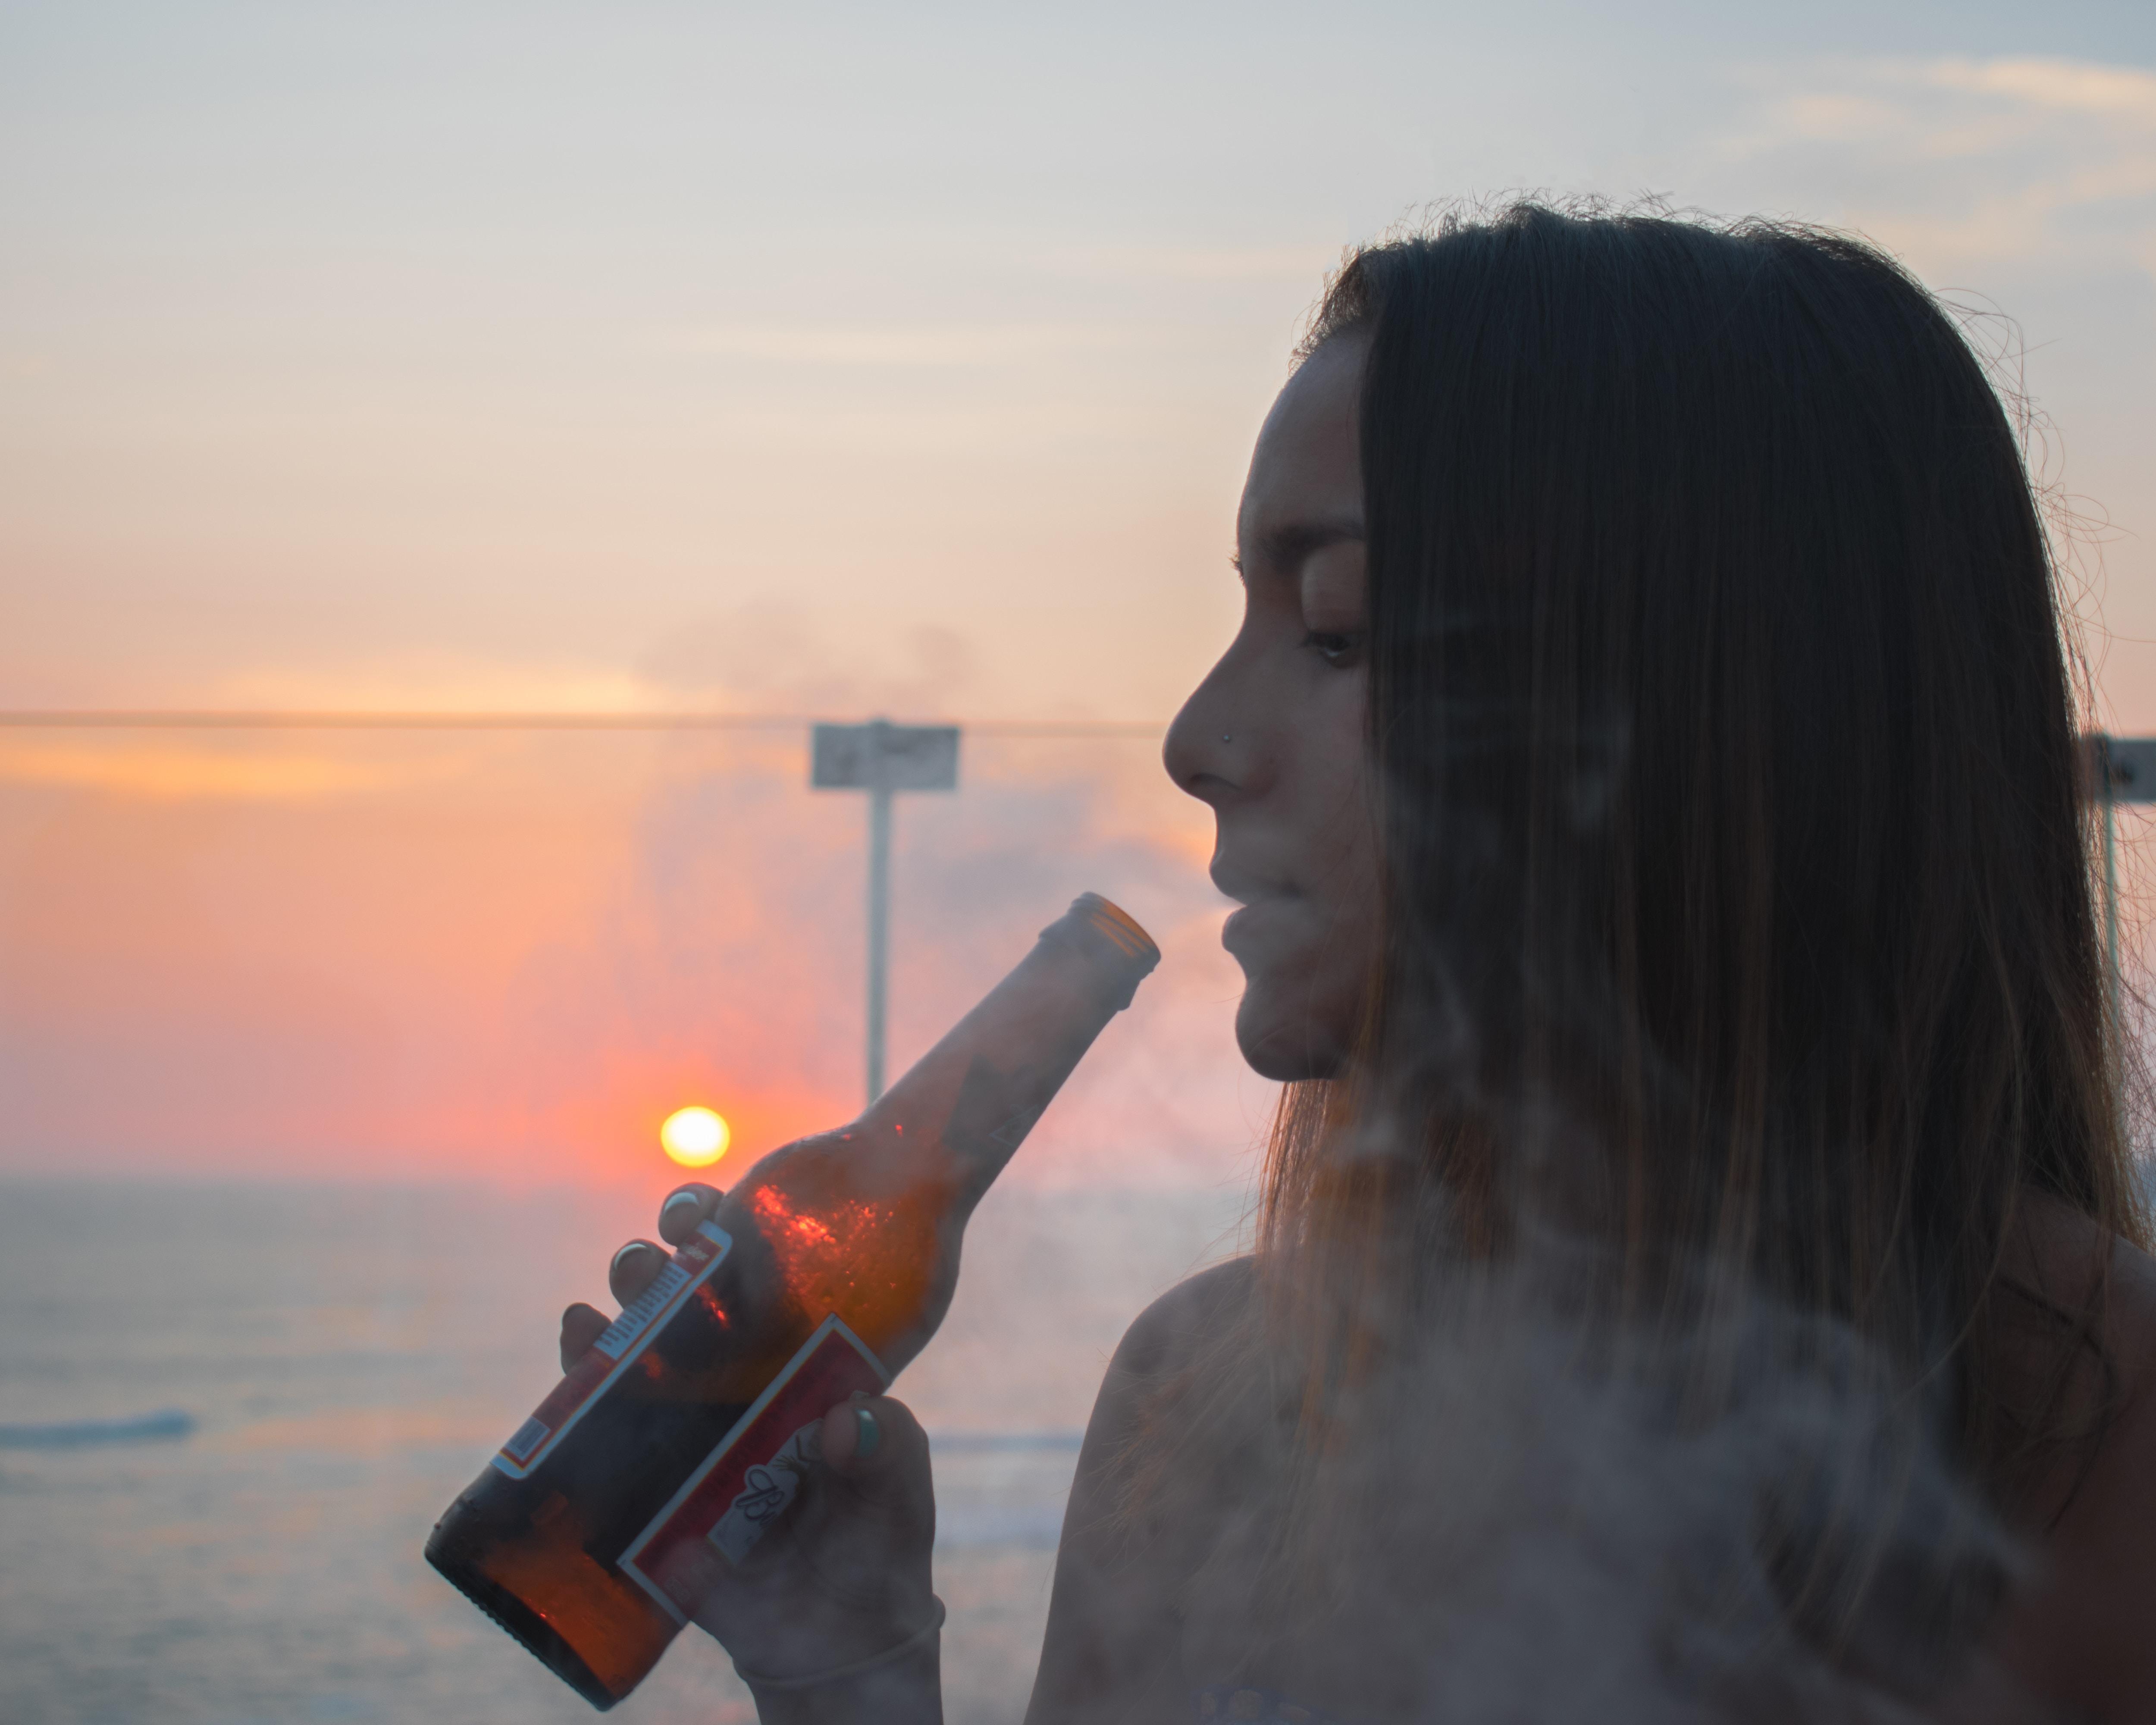 woman blowing smoke in brown bottle